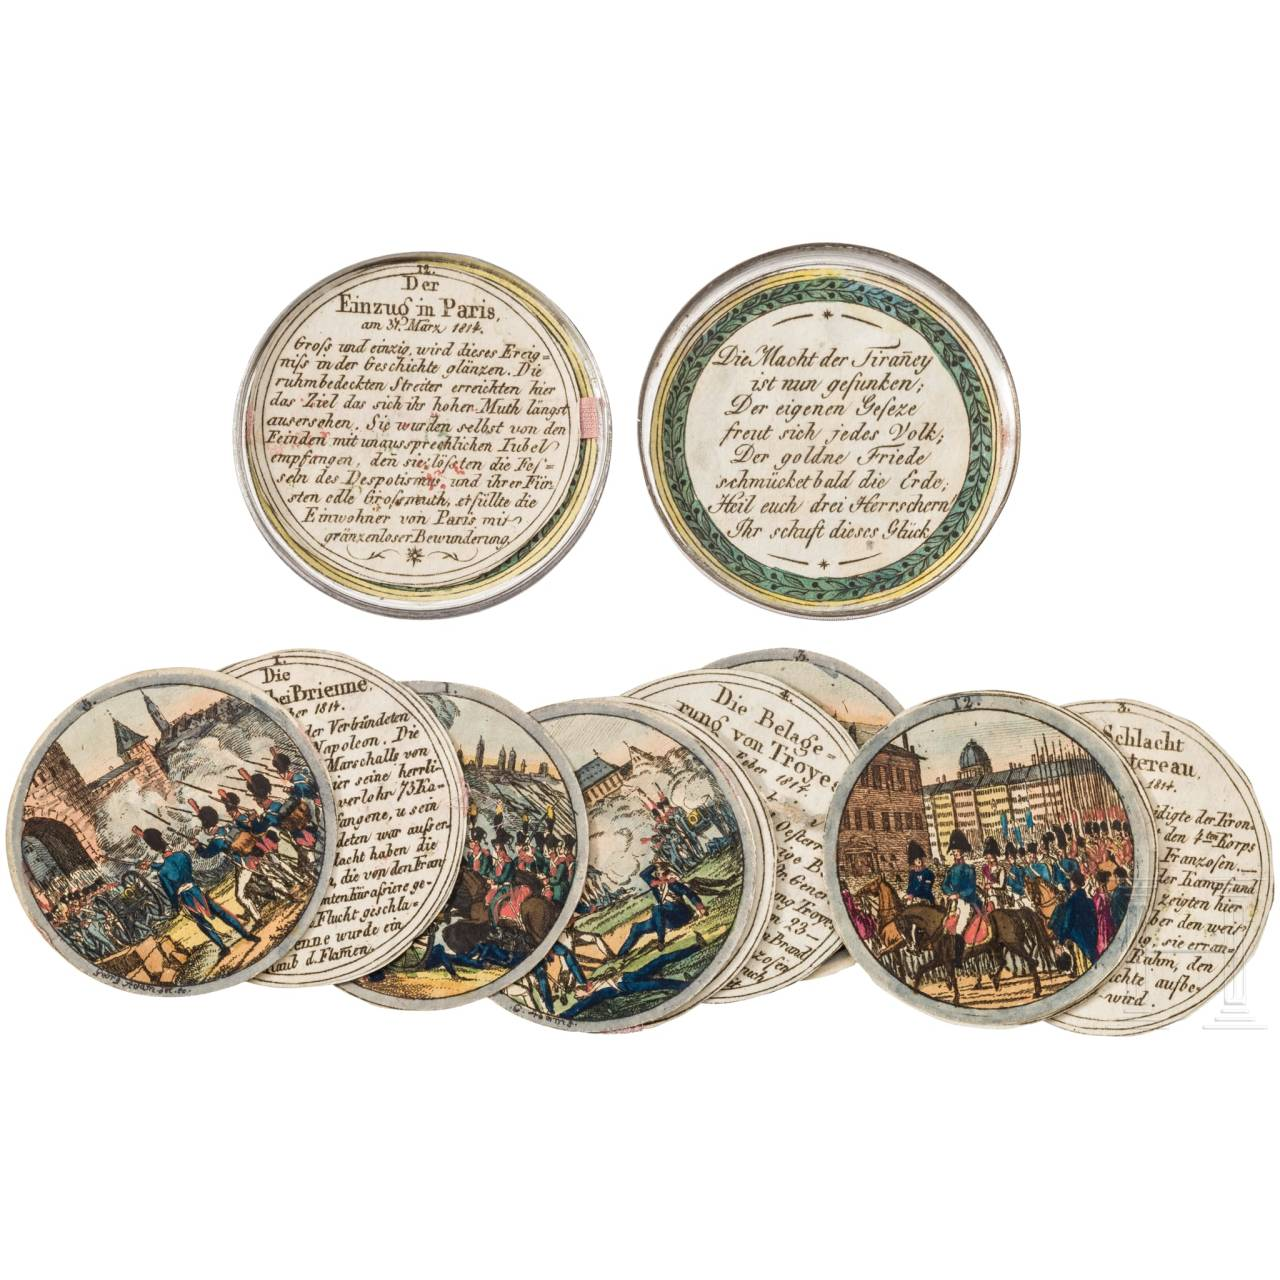 Steckmedaille auf die Befreiungskriege, Nürnberg, 1814